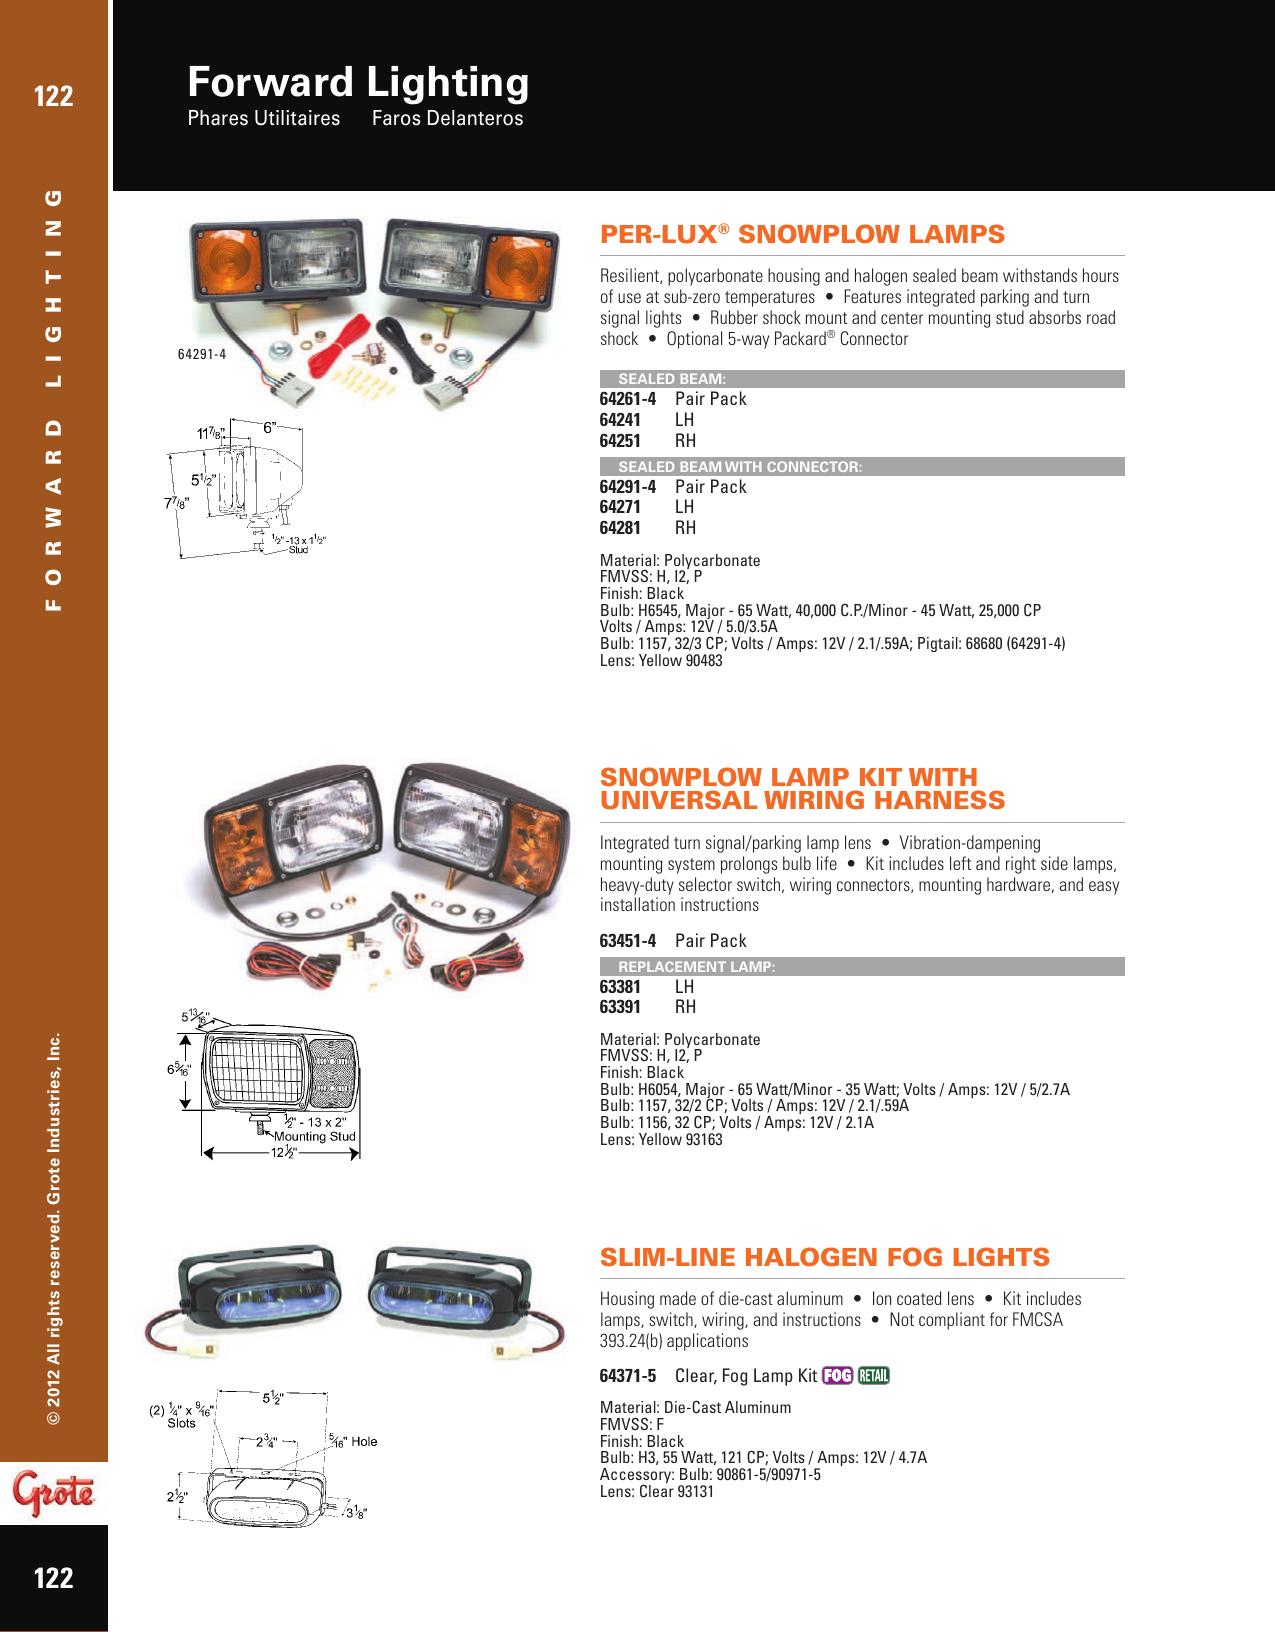 Forward Lighting - Grote Industries